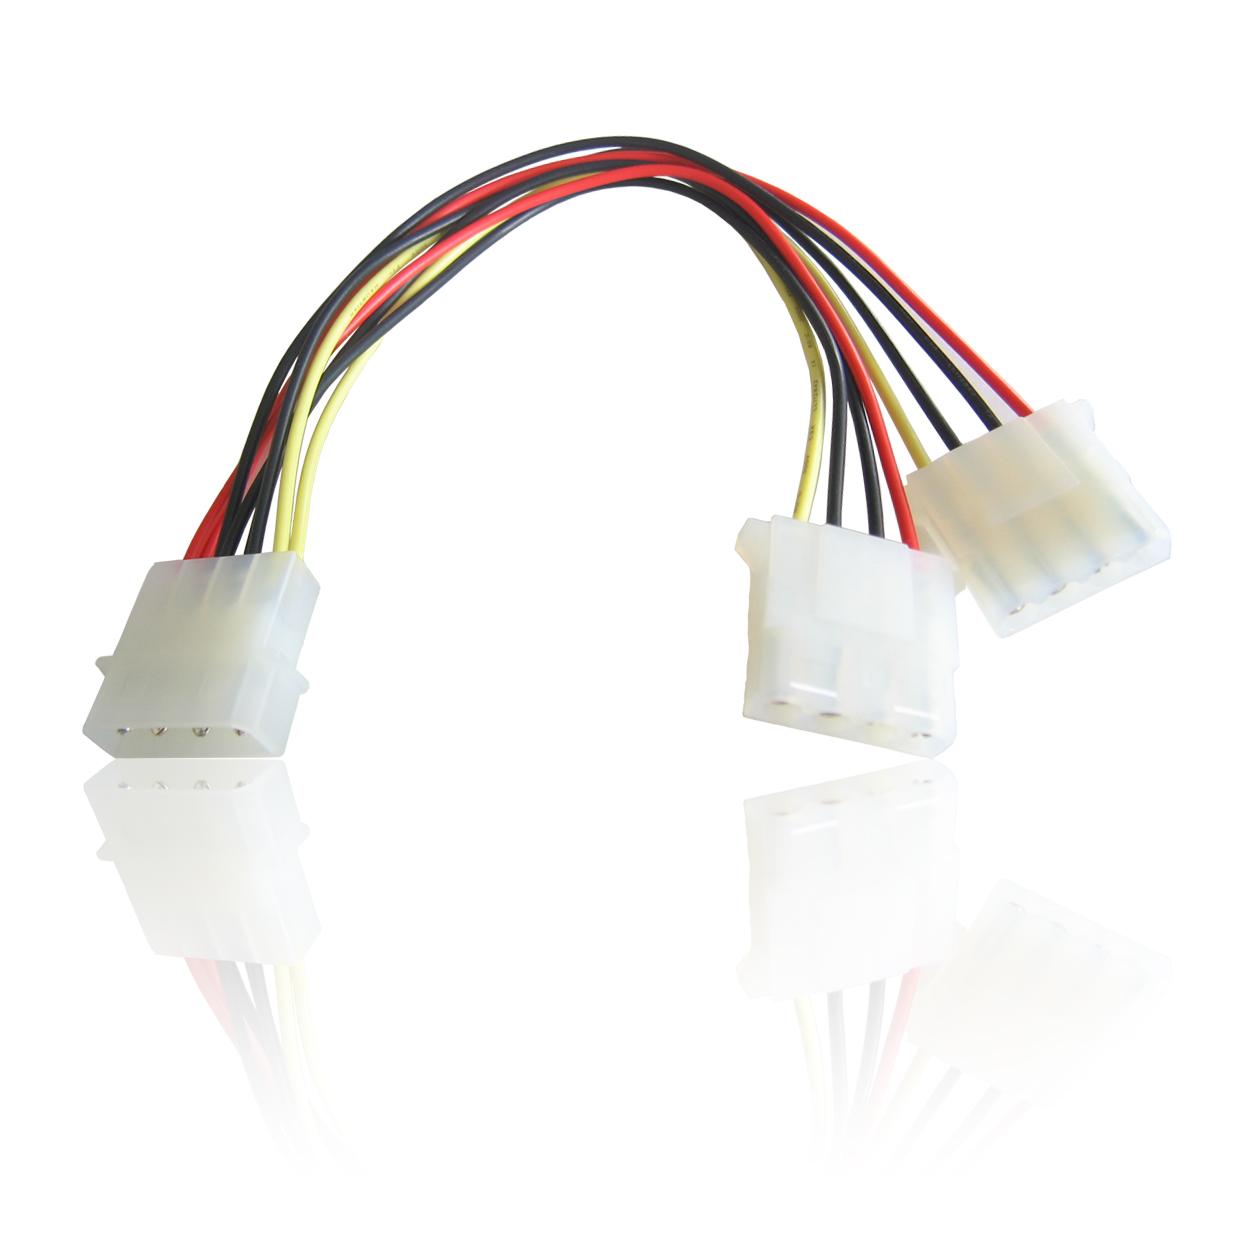 Molex 2 Way Twin Internal Power Y Splitter Power Cable